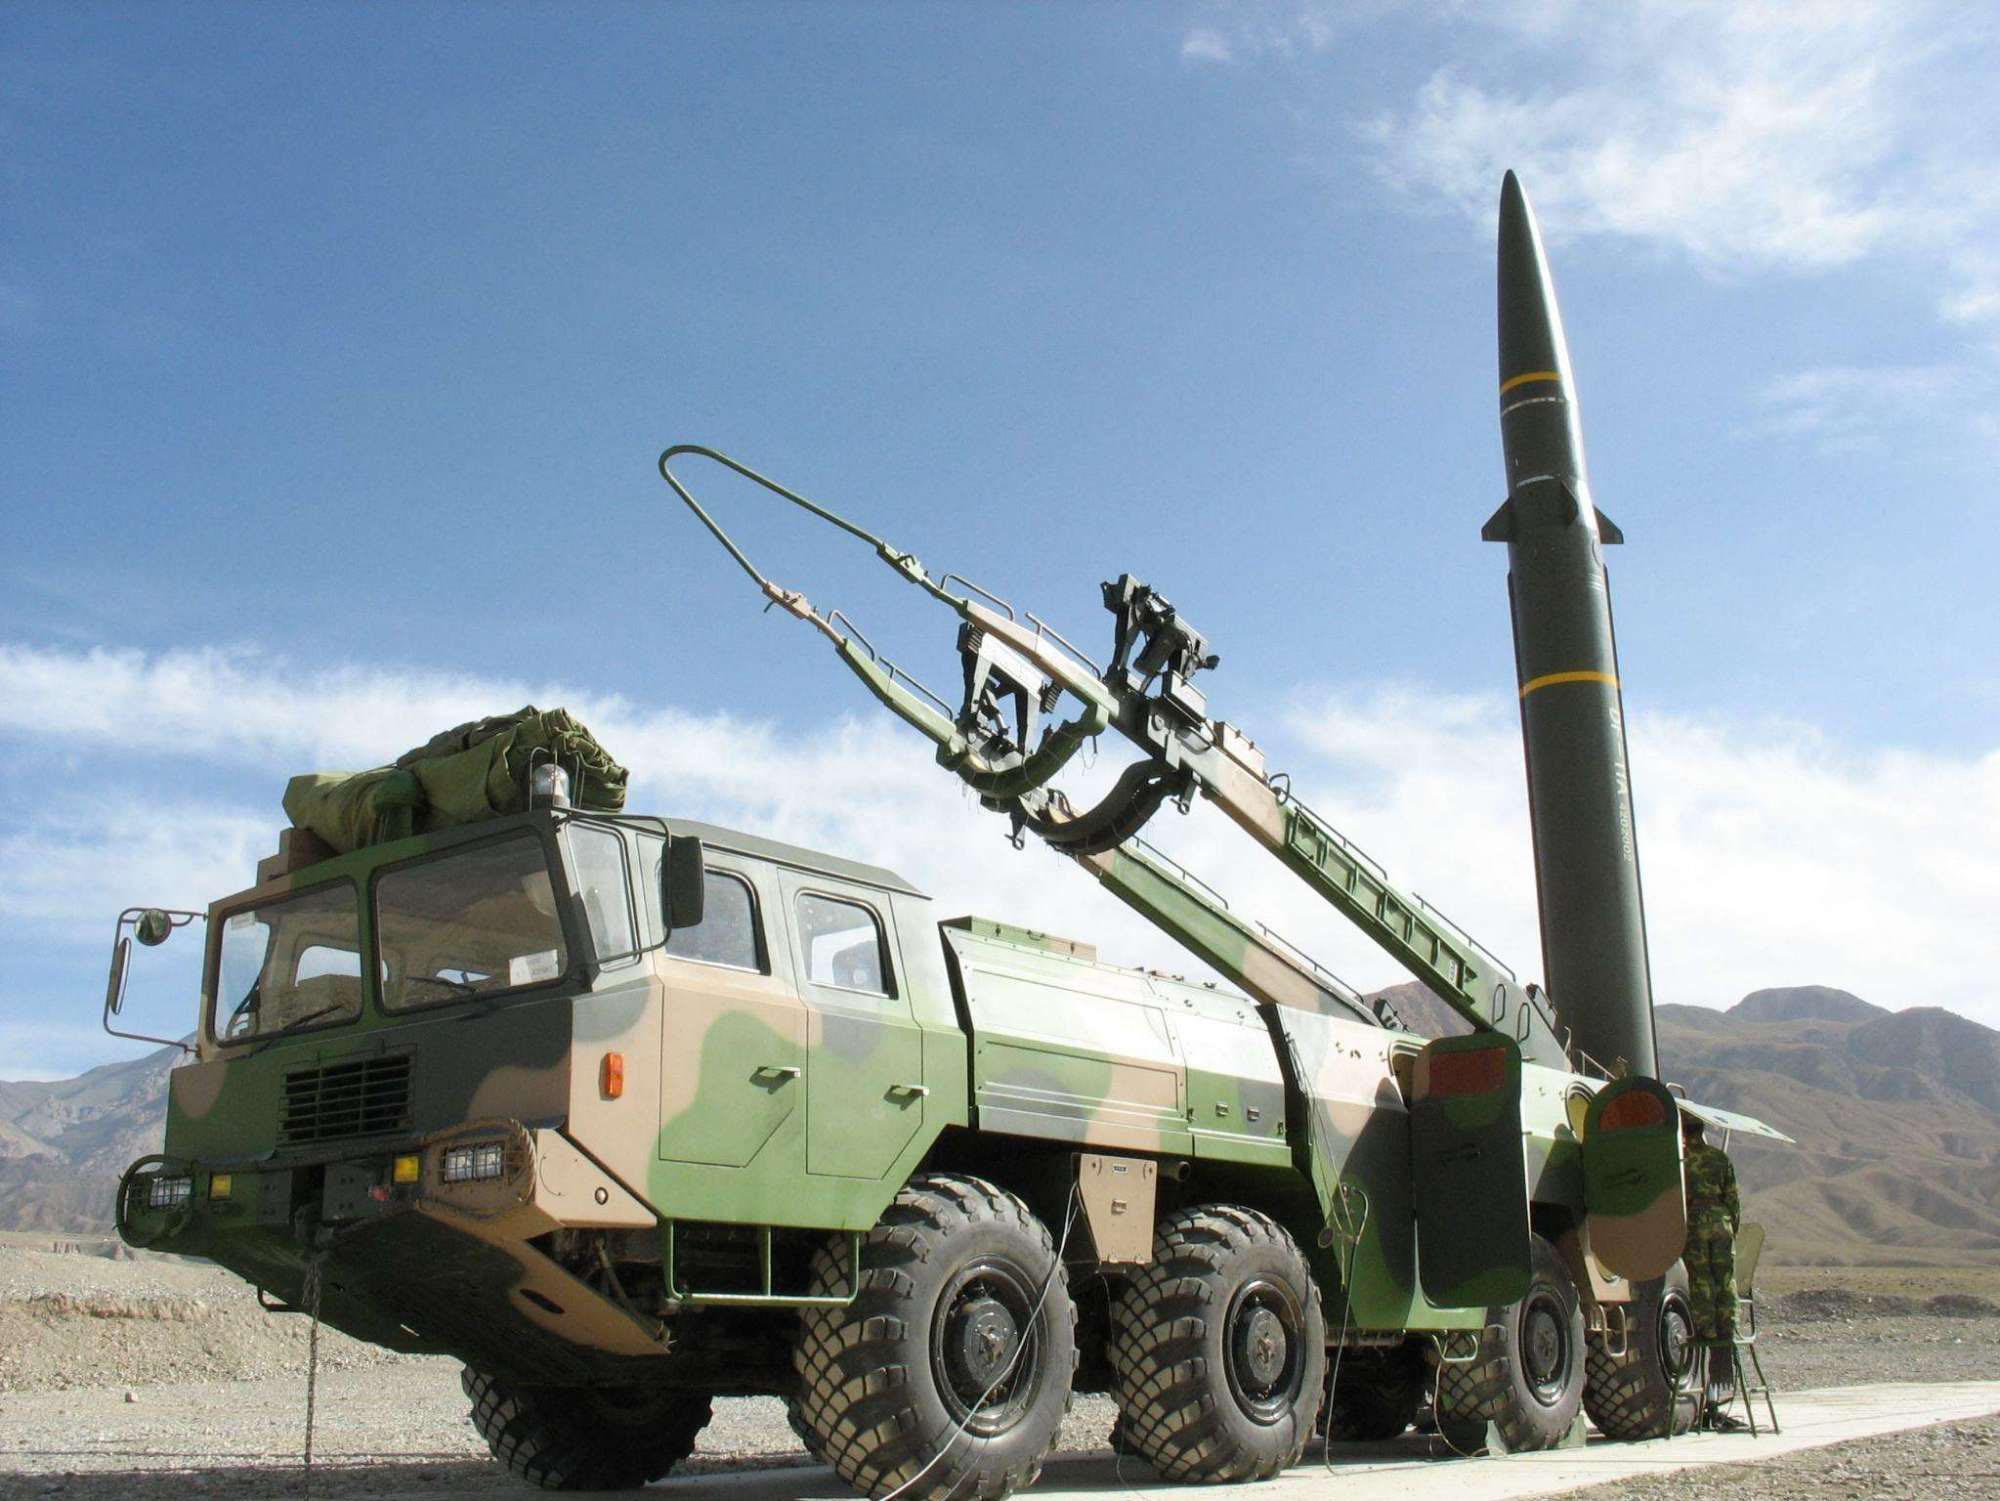 東風41飛彈,內蒙古,解放軍,二砲部隊,短程彈道飛彈,火箭軍,美蘇中程飛彈,洲際彈道飛彈